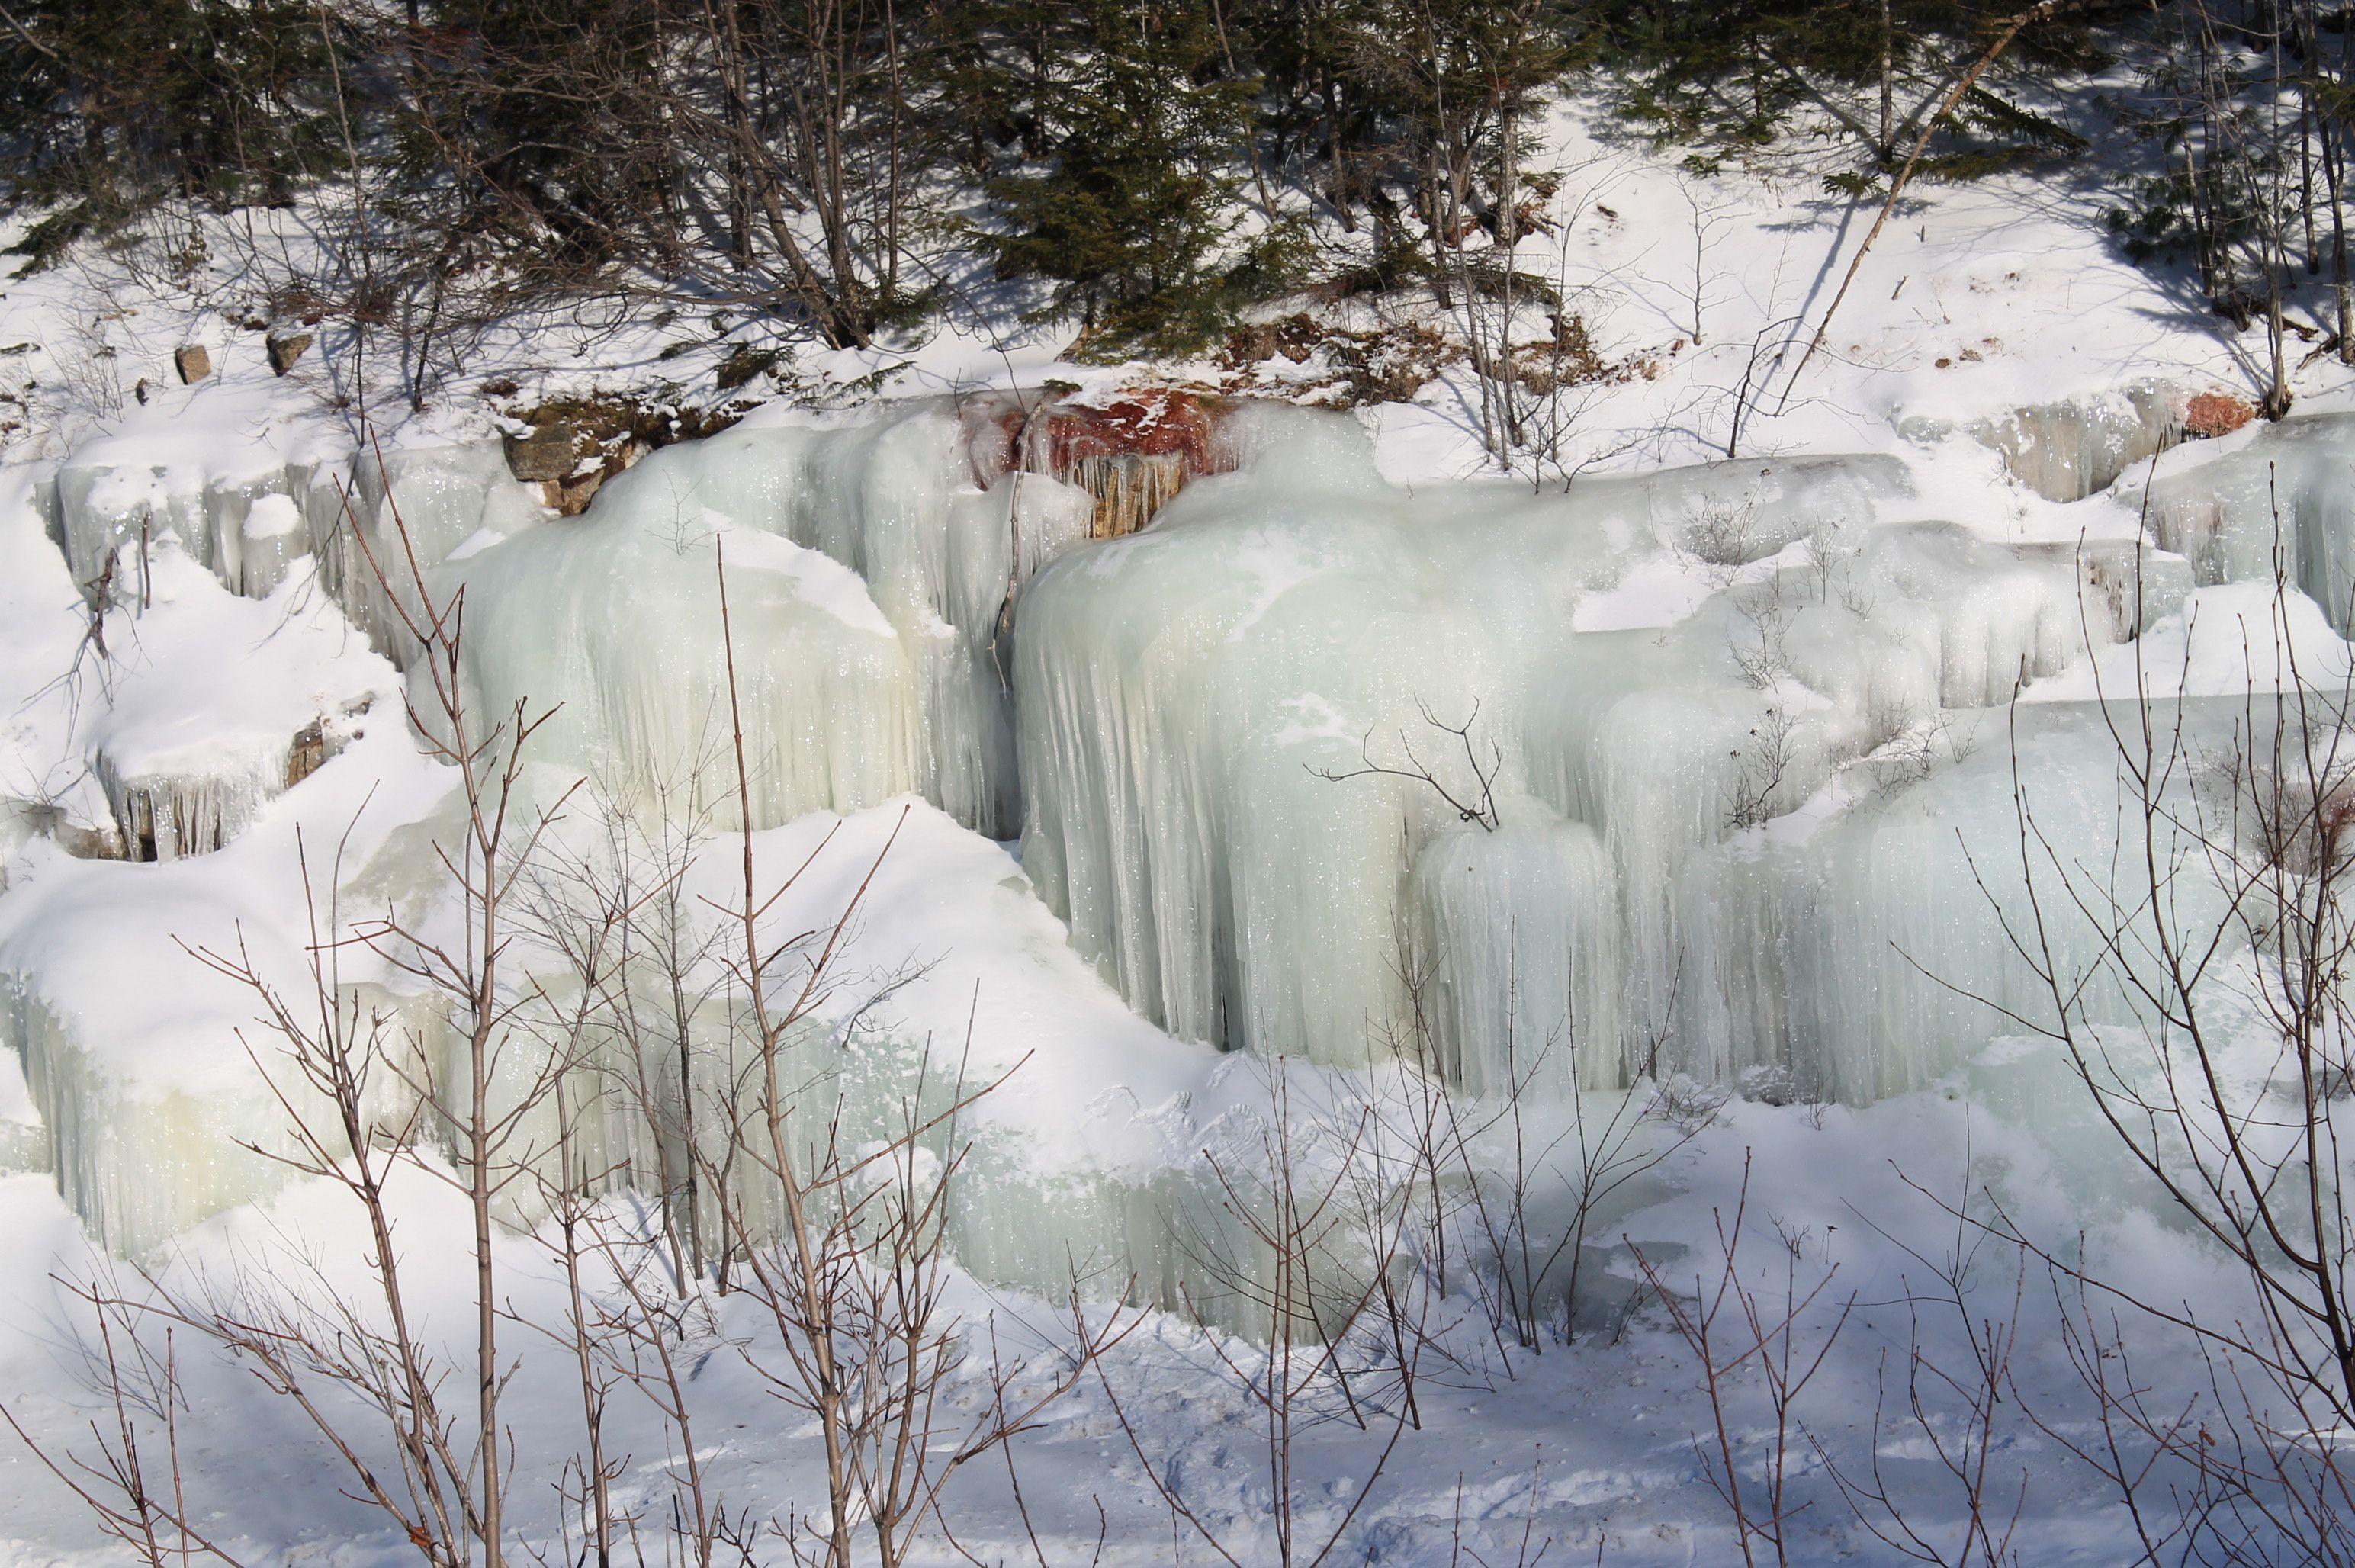 frozen walls of ice